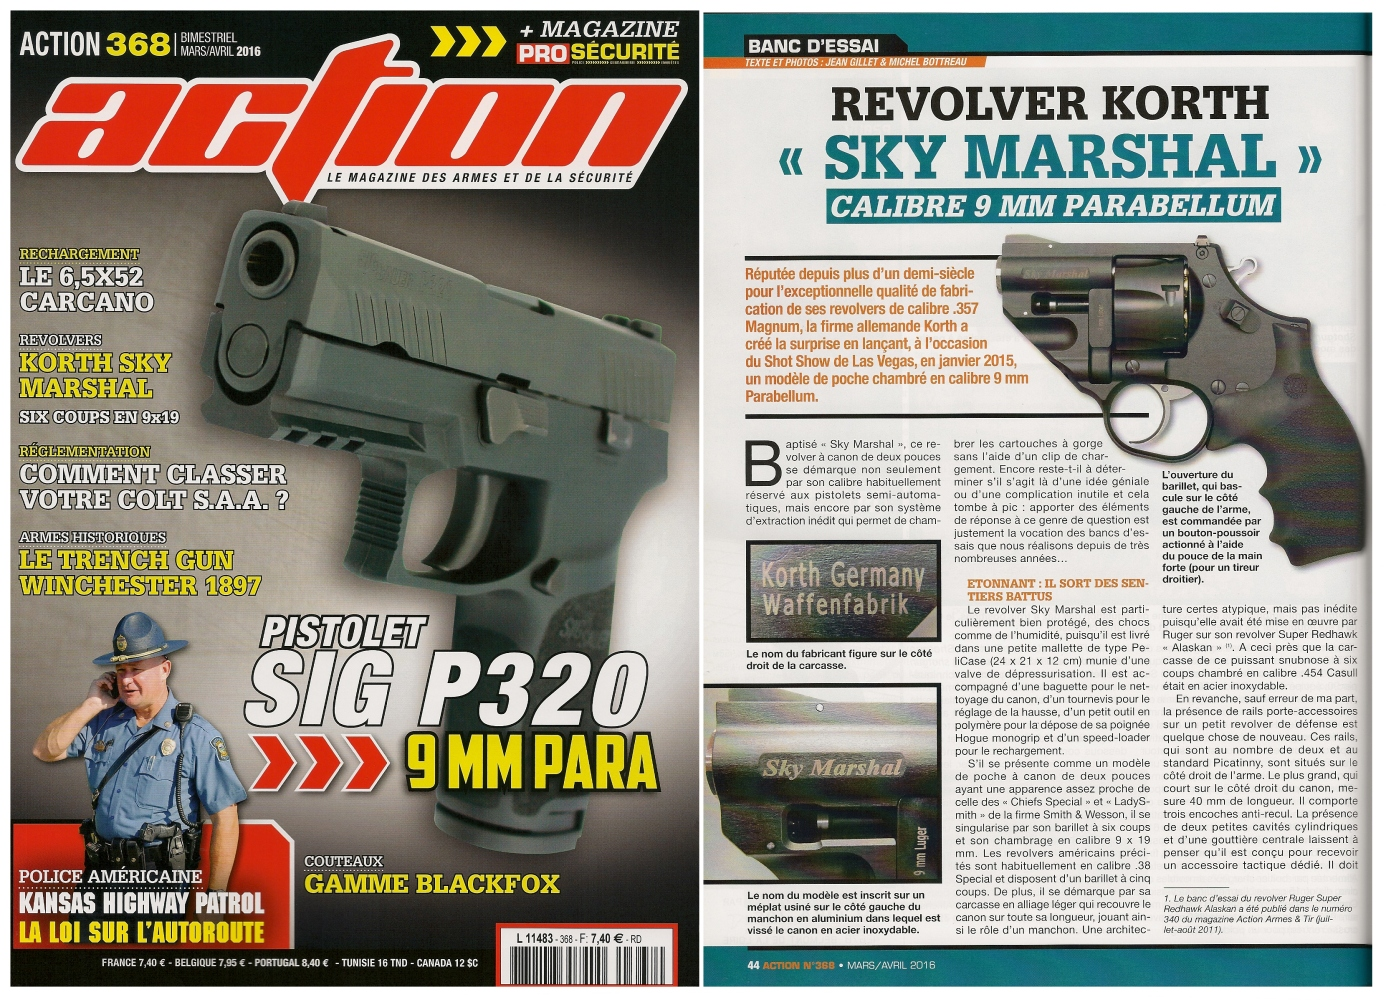 Le banc d'essai du revolver Korth « Sky Marshal » a été publié sur 6 pages dans le magazine Action n°368 (mars/avril 2016)